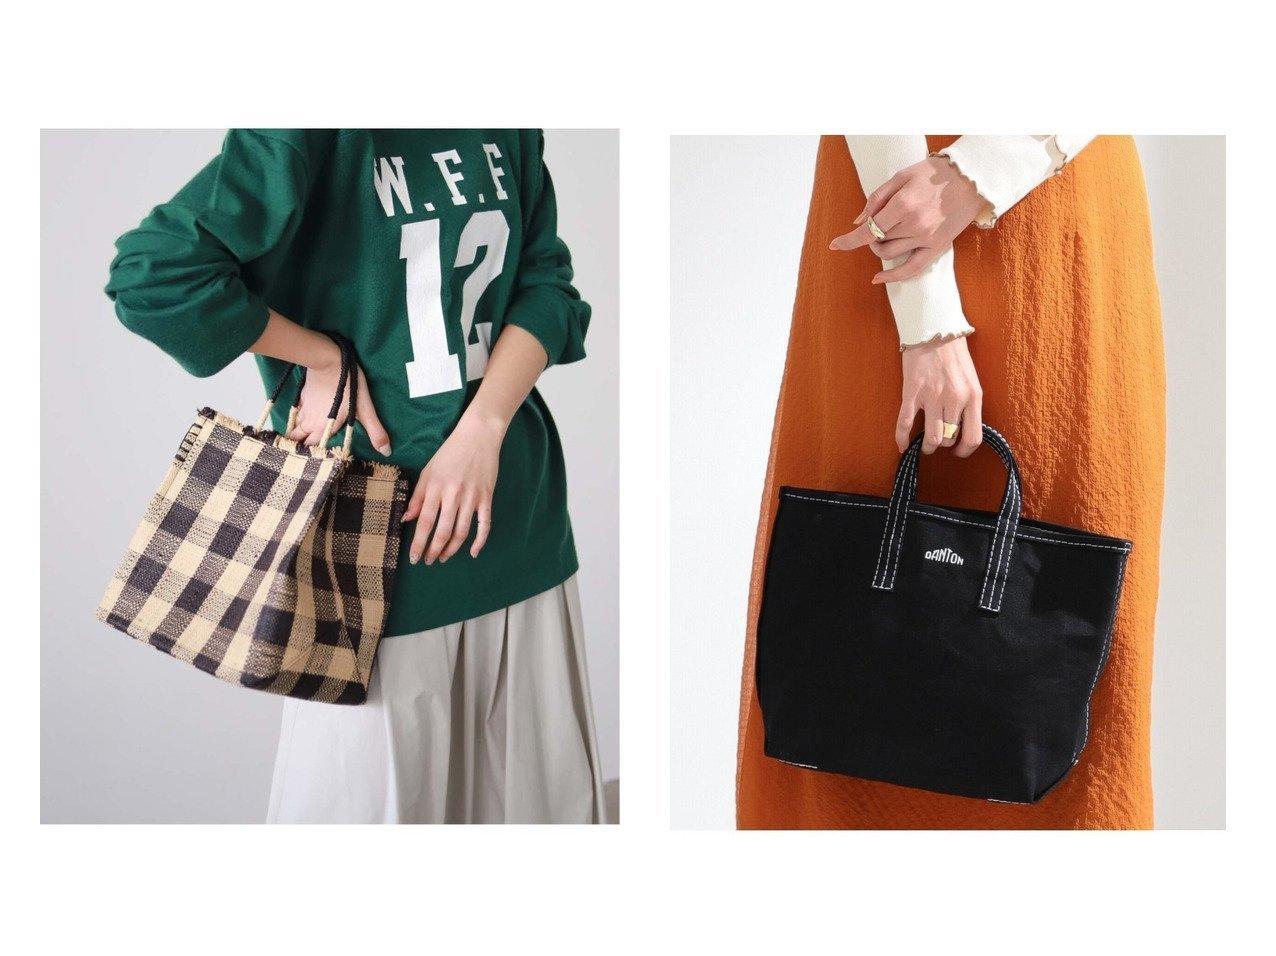 【Ray BEAMS/レイ ビームス】のCVS トートバッグ&【SLOBE IENA/スローブ イエナ】のSLOBE ラフィアスクエアバッグ 【バッグ・鞄】おすすめ!人気、トレンド・レディースファッションの通販 おすすめで人気の流行・トレンド、ファッションの通販商品 メンズファッション・キッズファッション・インテリア・家具・レディースファッション・服の通販 founy(ファニー) https://founy.com/ ファッション Fashion レディースファッション WOMEN バッグ Bag 2021年 2021 2021春夏・S/S SS/Spring/Summer/2021 S/S・春夏 SS・Spring/Summer トレンド フェミニン 春 Spring キャンバス シンプル フランス ワーク 人気  ID:crp329100000032411